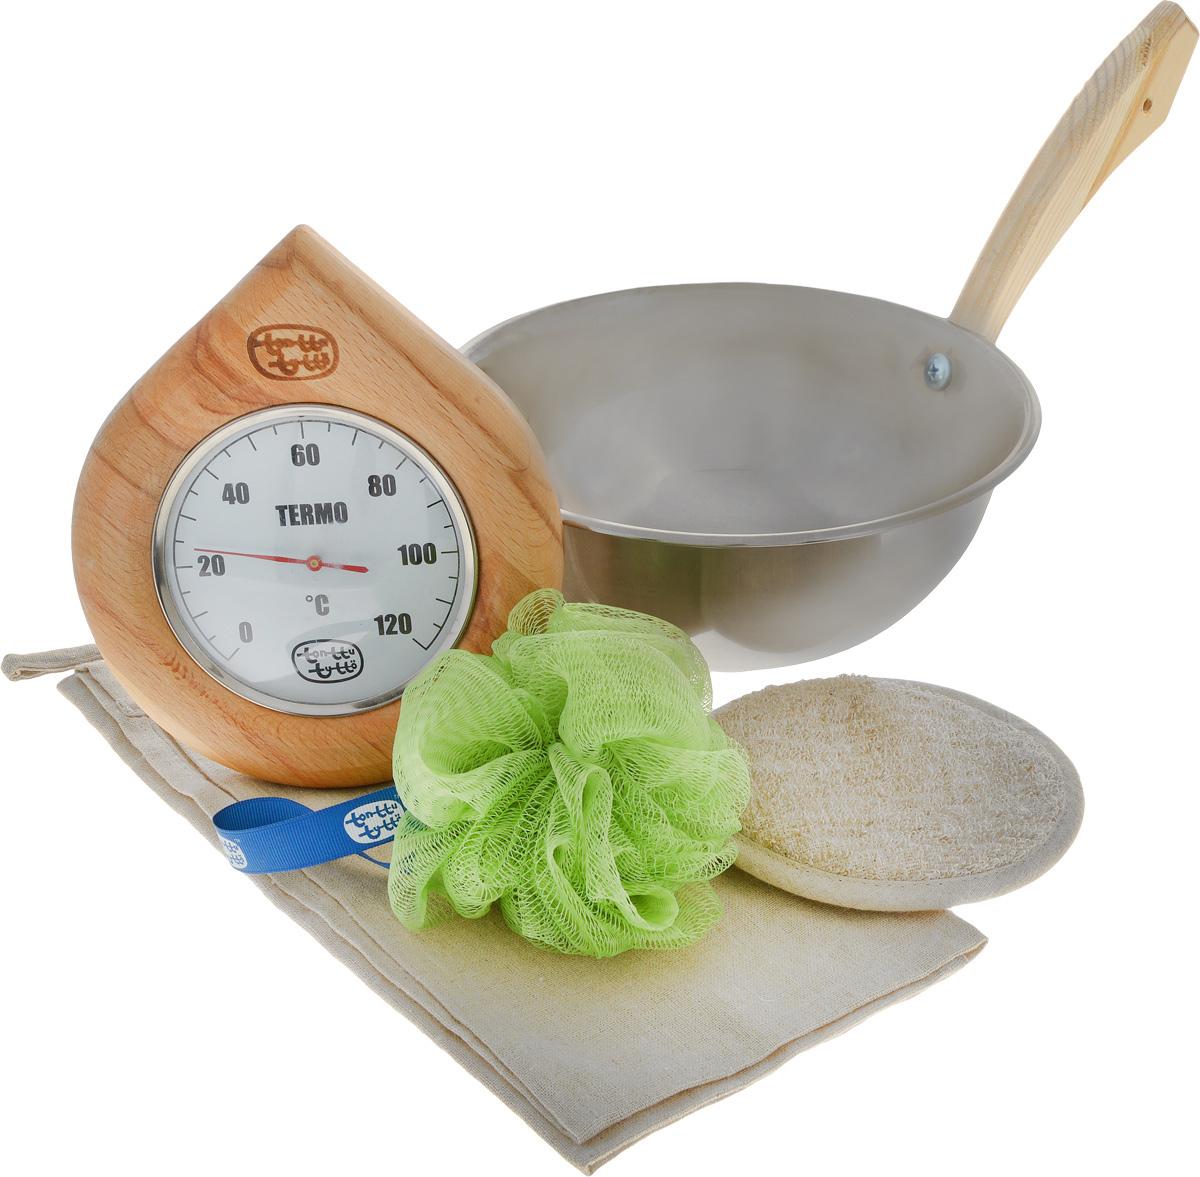 Набор для бани и сауны Доктор Баня Подарочный №3, 5 предметов391602Набор для бани и сауны Доктор Баня Подарочный №3 включает в себя: - Термометр, корпус которого выполнен из древесины. Он покажет температуру и не останется незамеченным для посетителей бани;- Ковш-черпак, изготовленный из металла с деревянной ручкой;- Мочалку, выполненную из льна и хлопка; - Синтетический спонж из нейлона;- Салфетку, изготовленную из льна и хлопка, которая убережет вас от горячей полки.Такой набор поможет с удовольствием и пользой провести время в бане, а также станет чудесным подарком друзьям и знакомым, которые по достоинству его оценят при первом же использовании.Размер салфетки: 44 х 60 см.Диаметр мочалки: 13 см.Диаметр ковша: 22 см.Высота ковша: 9 см.Длина ручки ковша: 18 см.